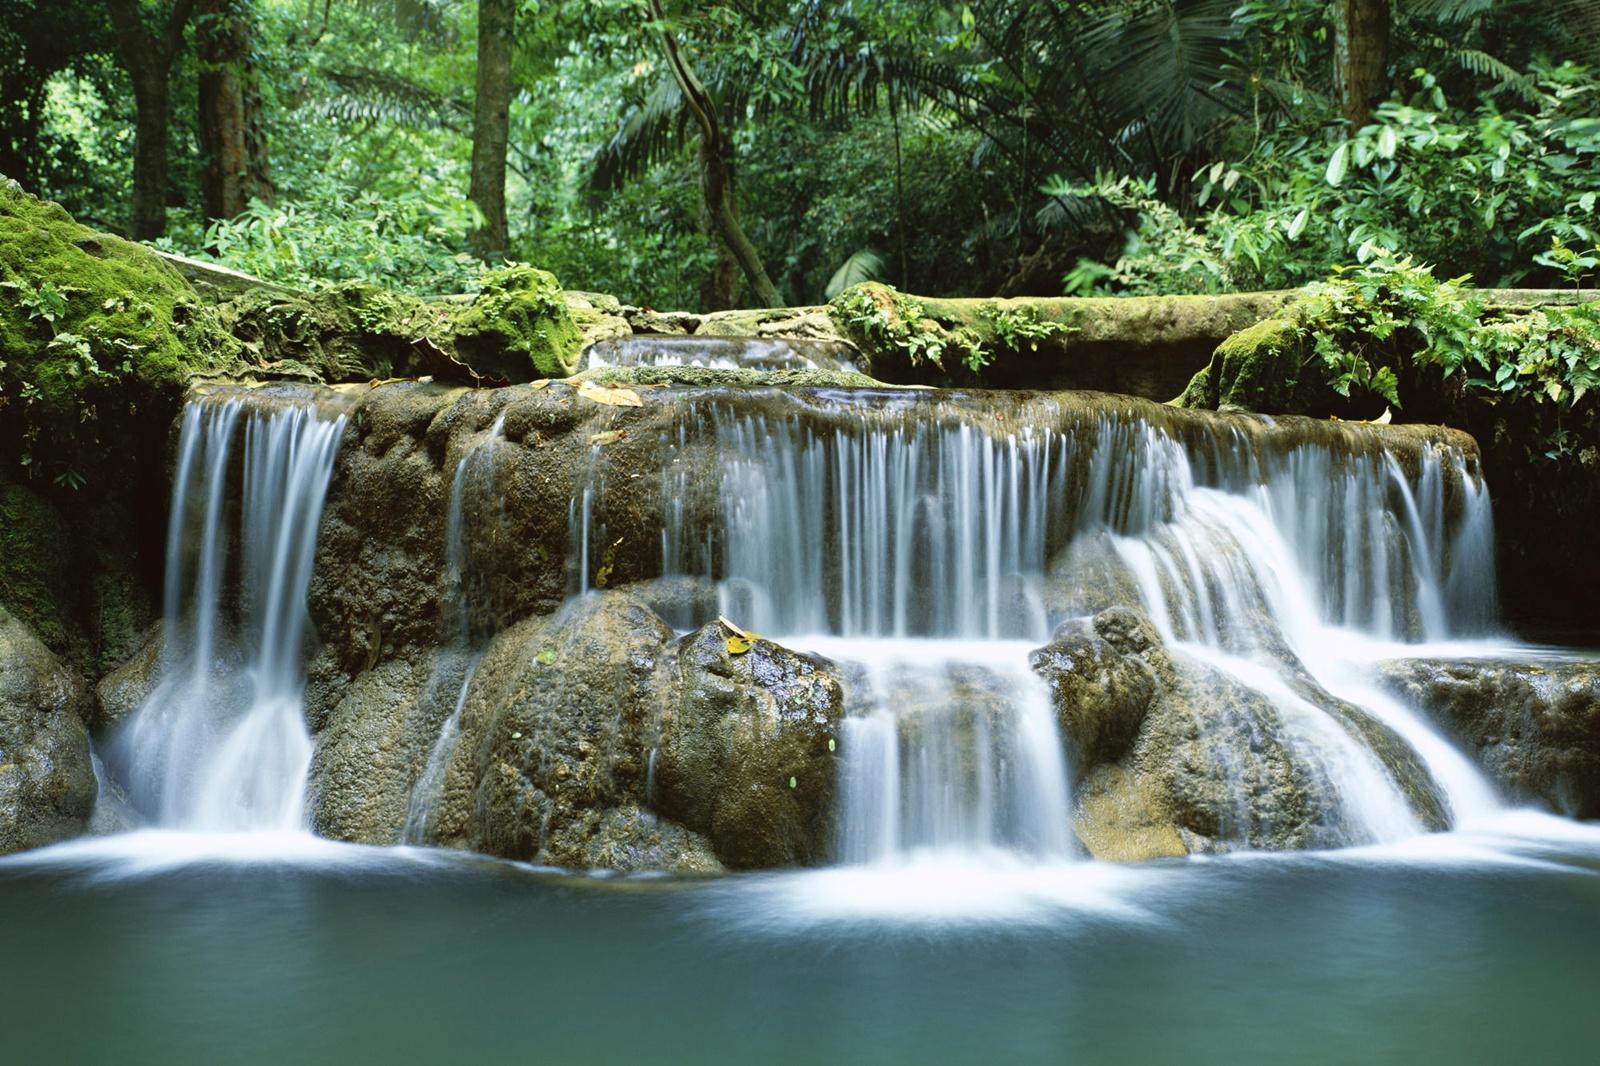 http://3.bp.blogspot.com/-X8-d6RwQlLA/TjLoJL7el_I/AAAAAAAAzQw/4ZDKY2OH92M/s1600/forest_waterfall_wallpaper.jpg